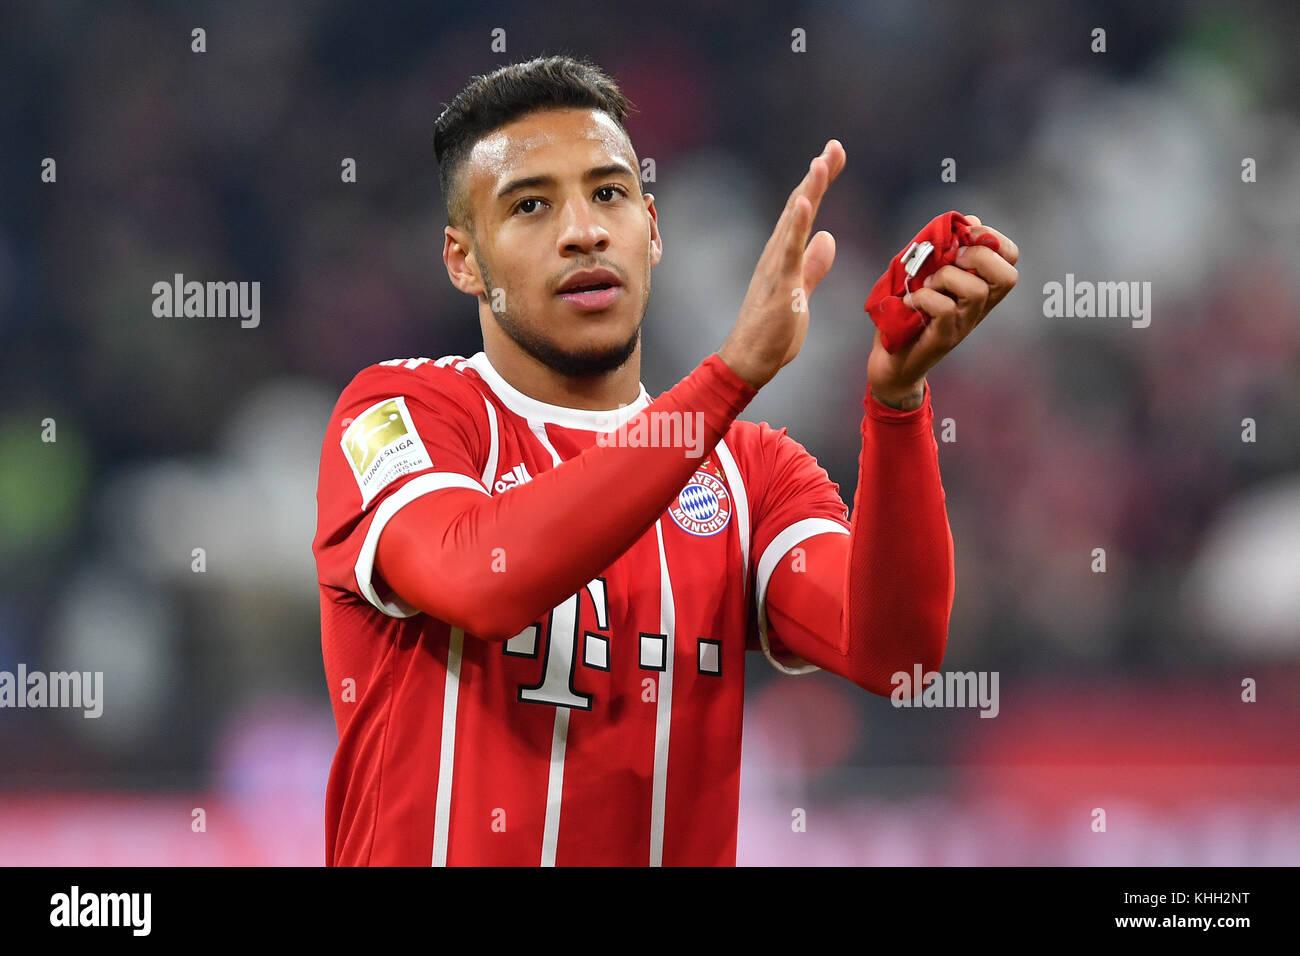 Corentin TOLISSO (FC Bayern Munich), klatscht Applaus, gesture, Aktion, Einzelbild, angeschnittenes Einzelmotiv, - Stock Image